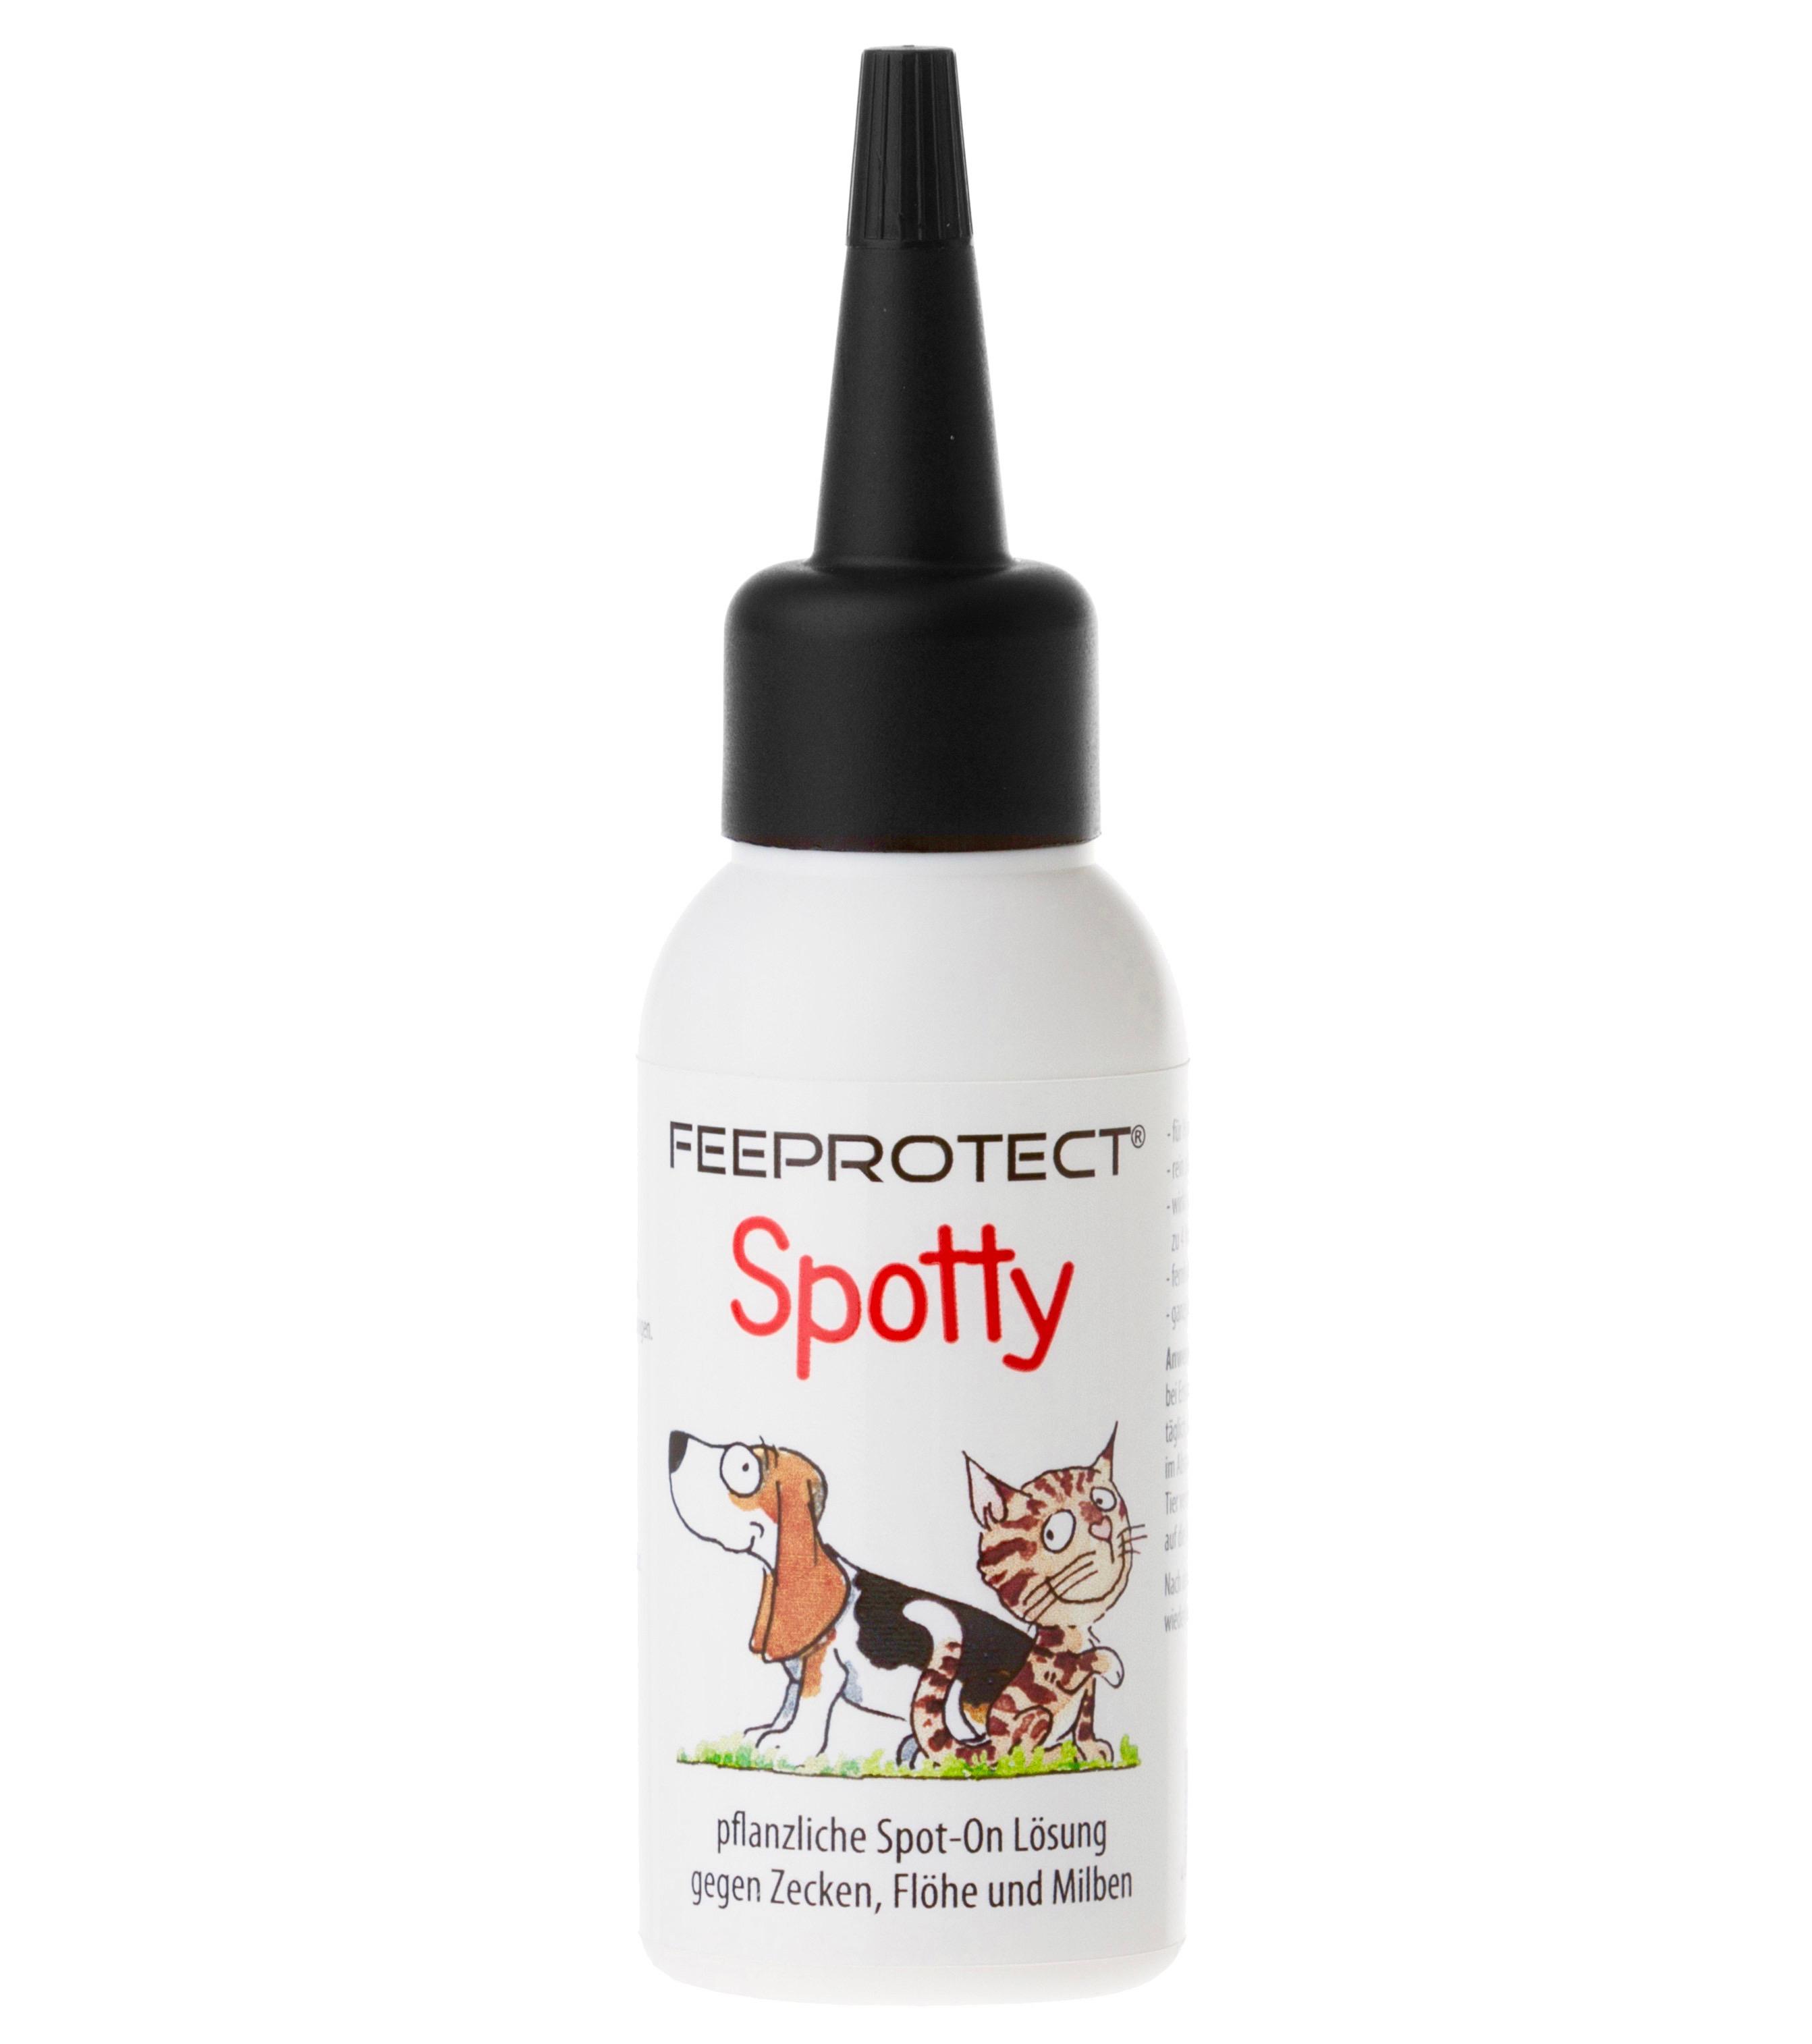 Feeprotect Spotty gegen Zecken und Feeprotect dog plus Fellpflege